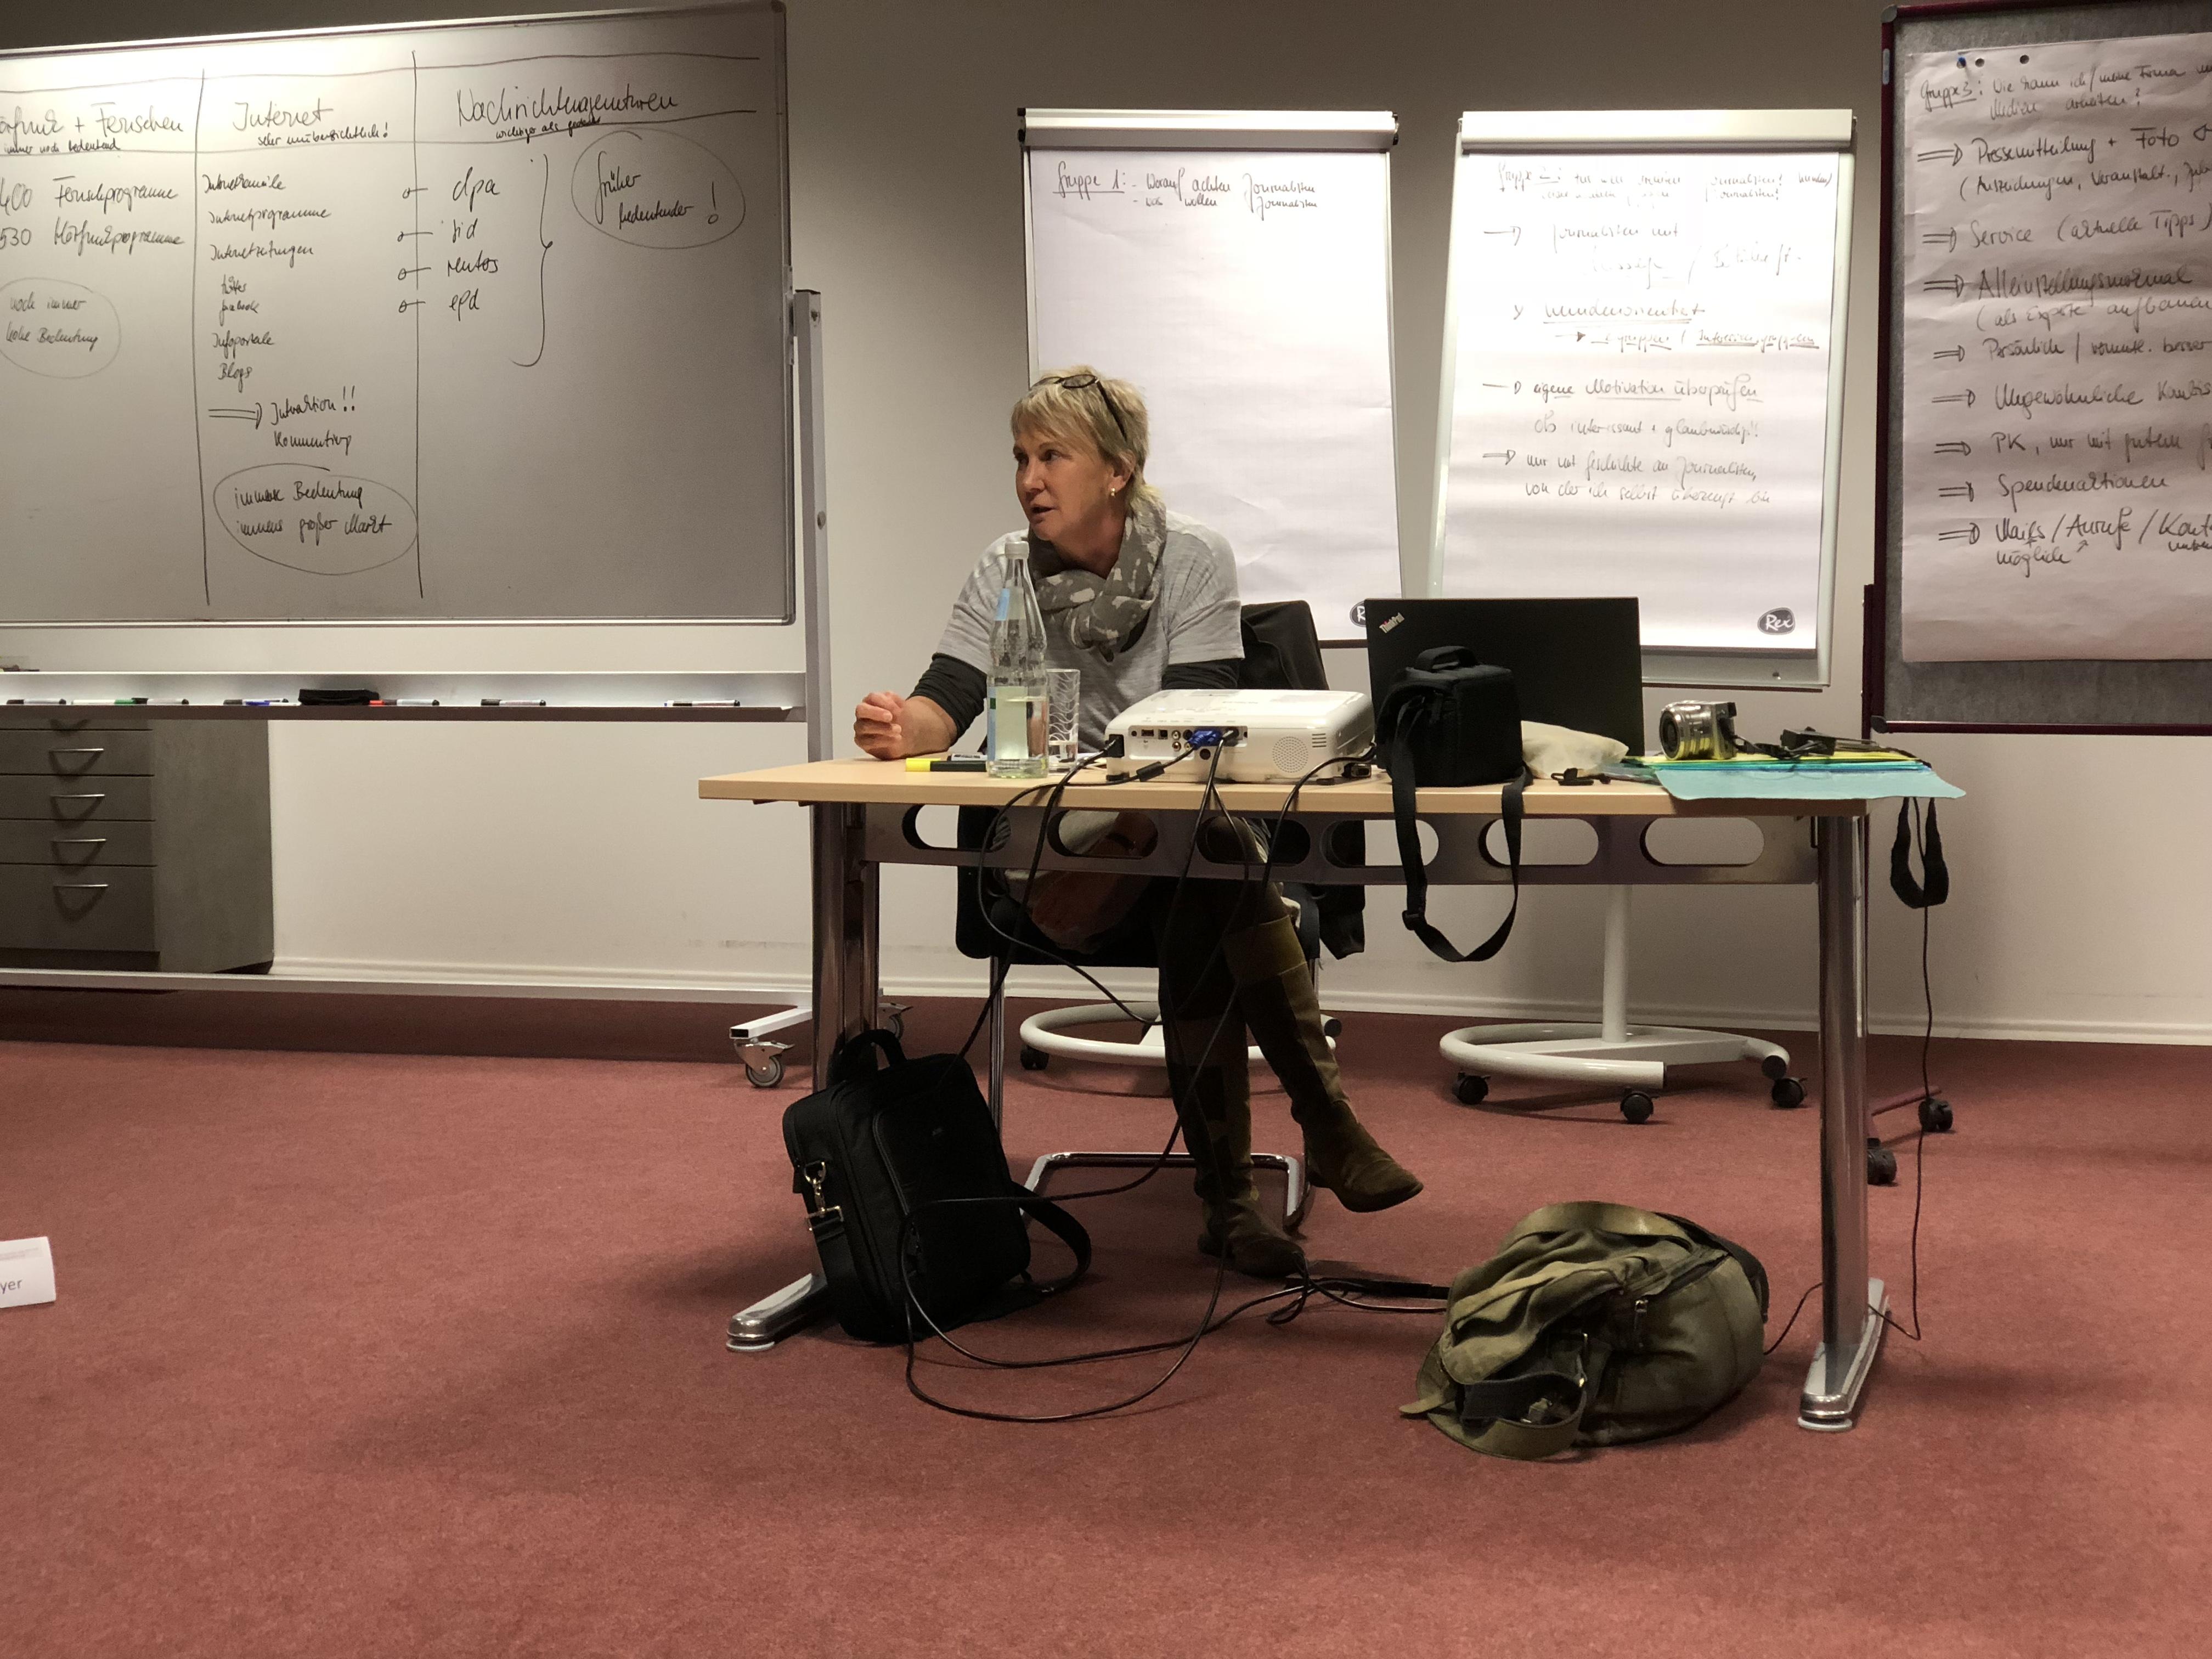 Medientraining an der Business School Alb-Schwarzwald in Rottweil, November 2017